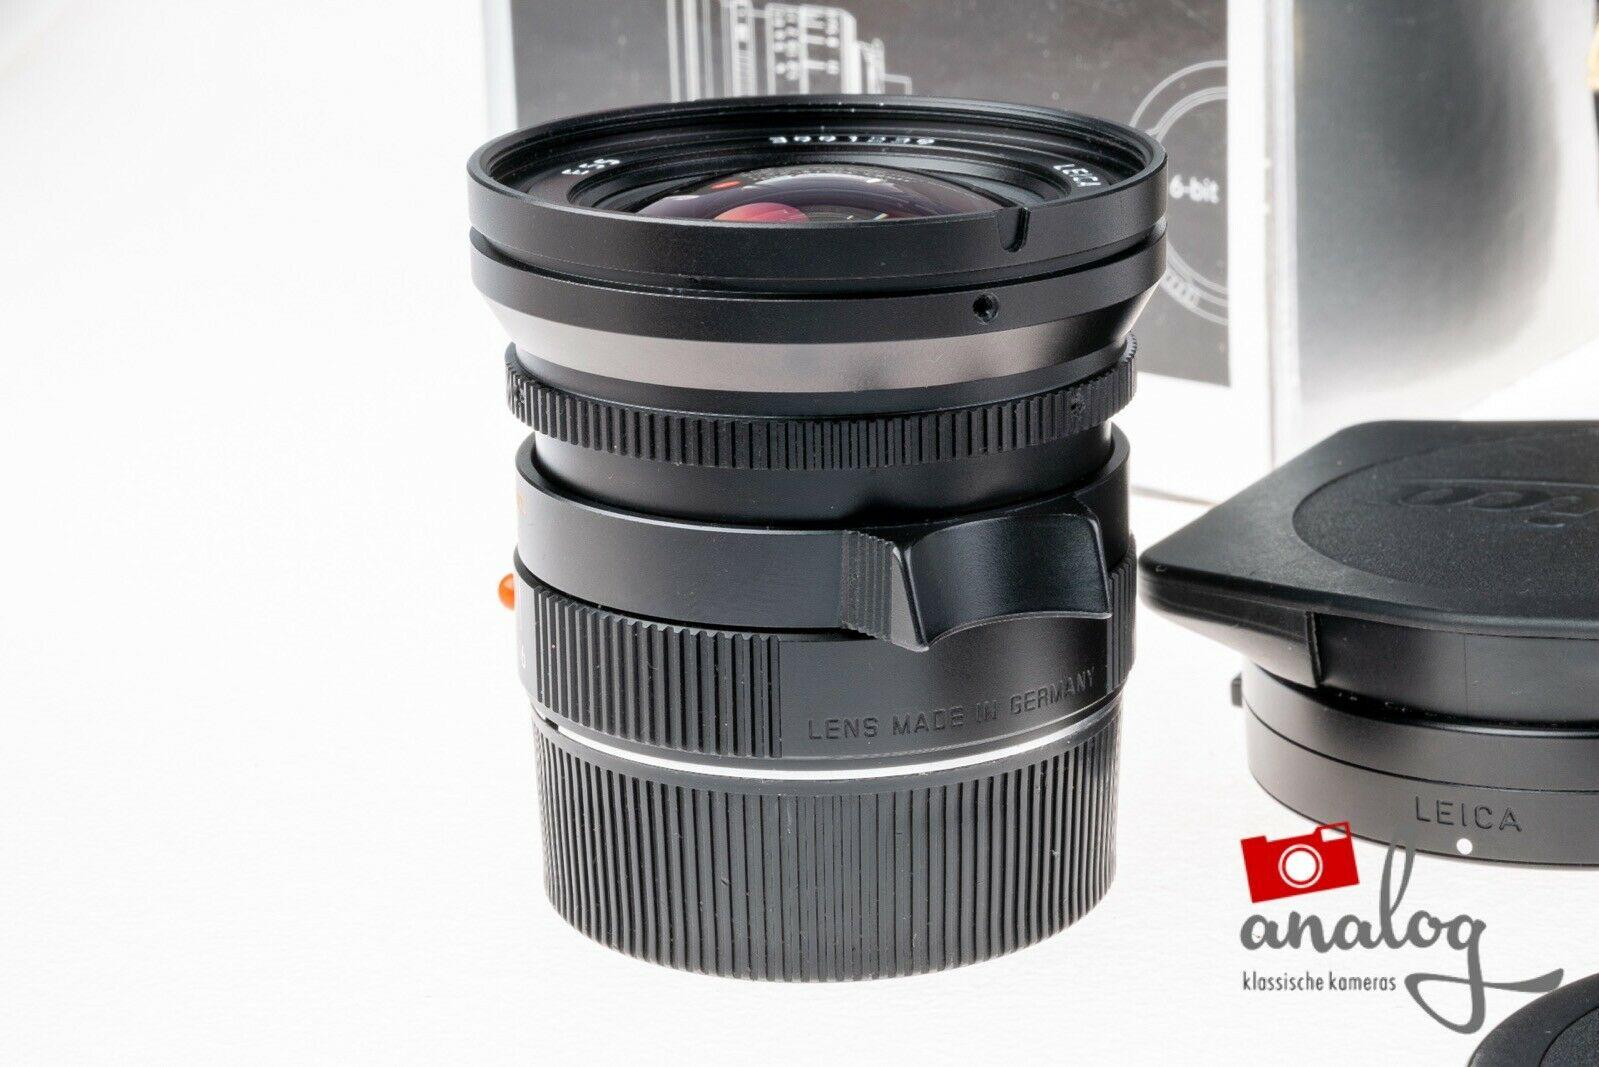 Leica Elmarit-M 21mm 2.8 ASPH. - 11135